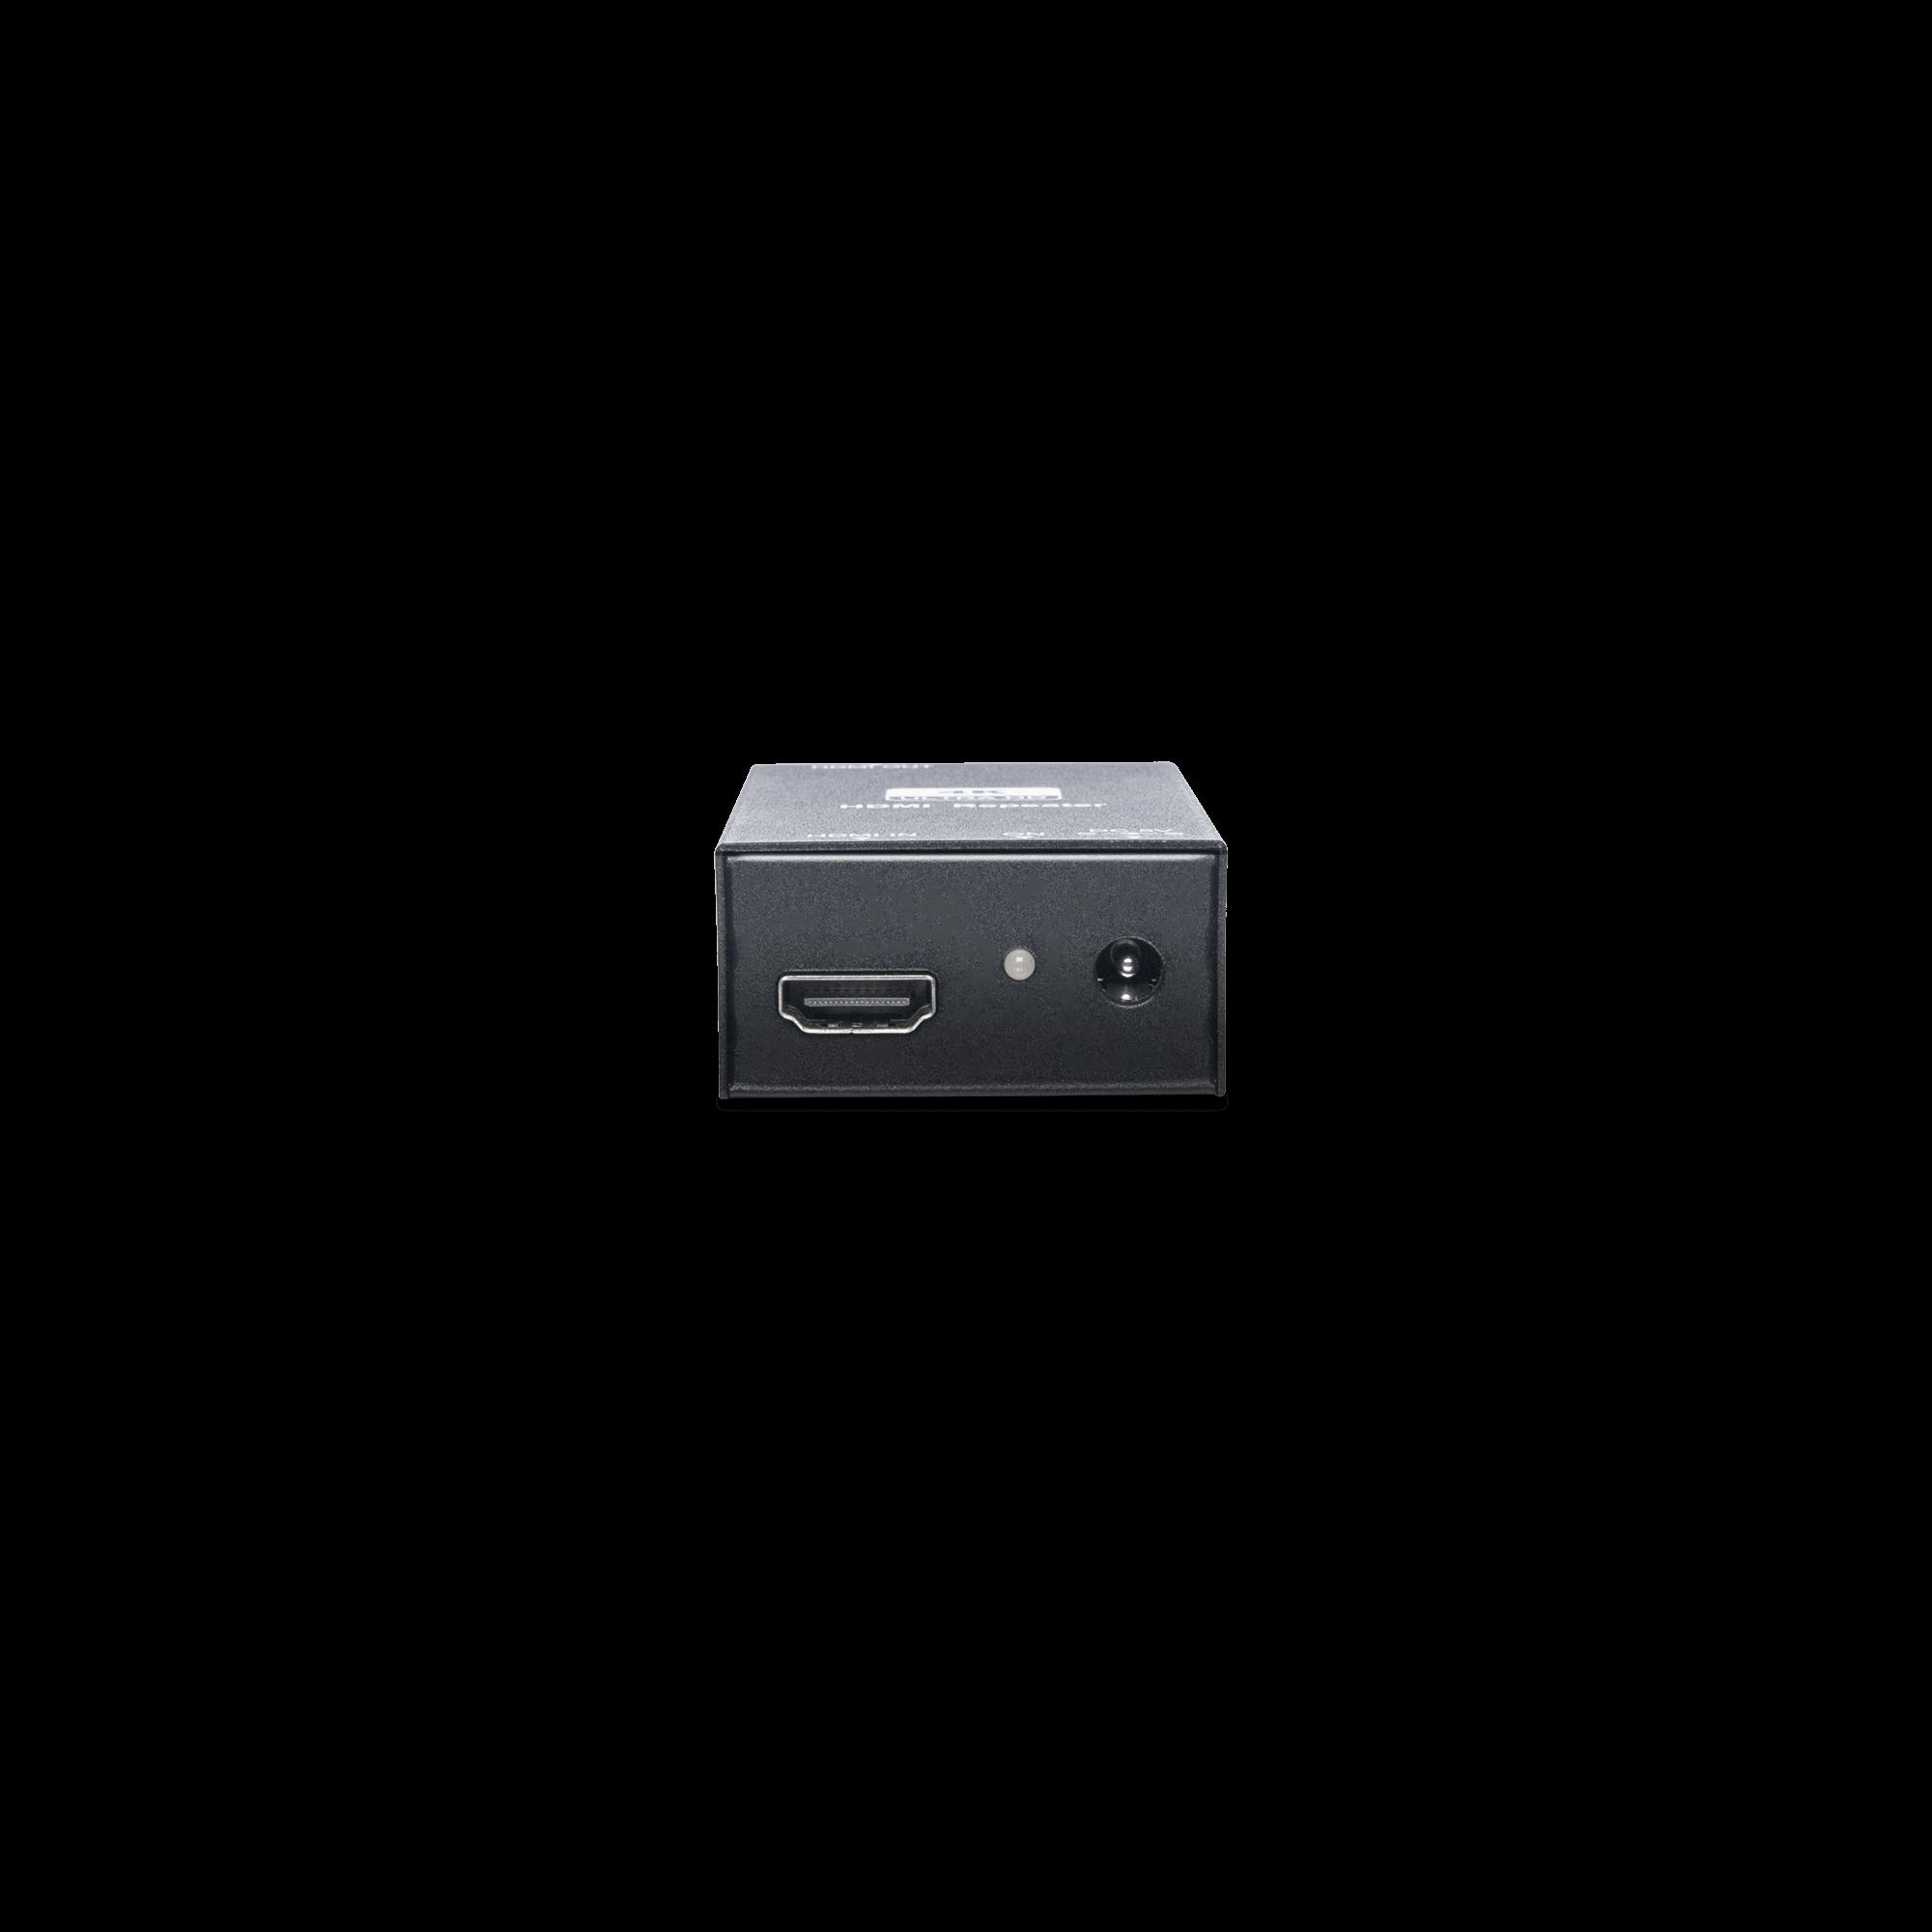 4K60Hz HDMI 2.0 Repeater